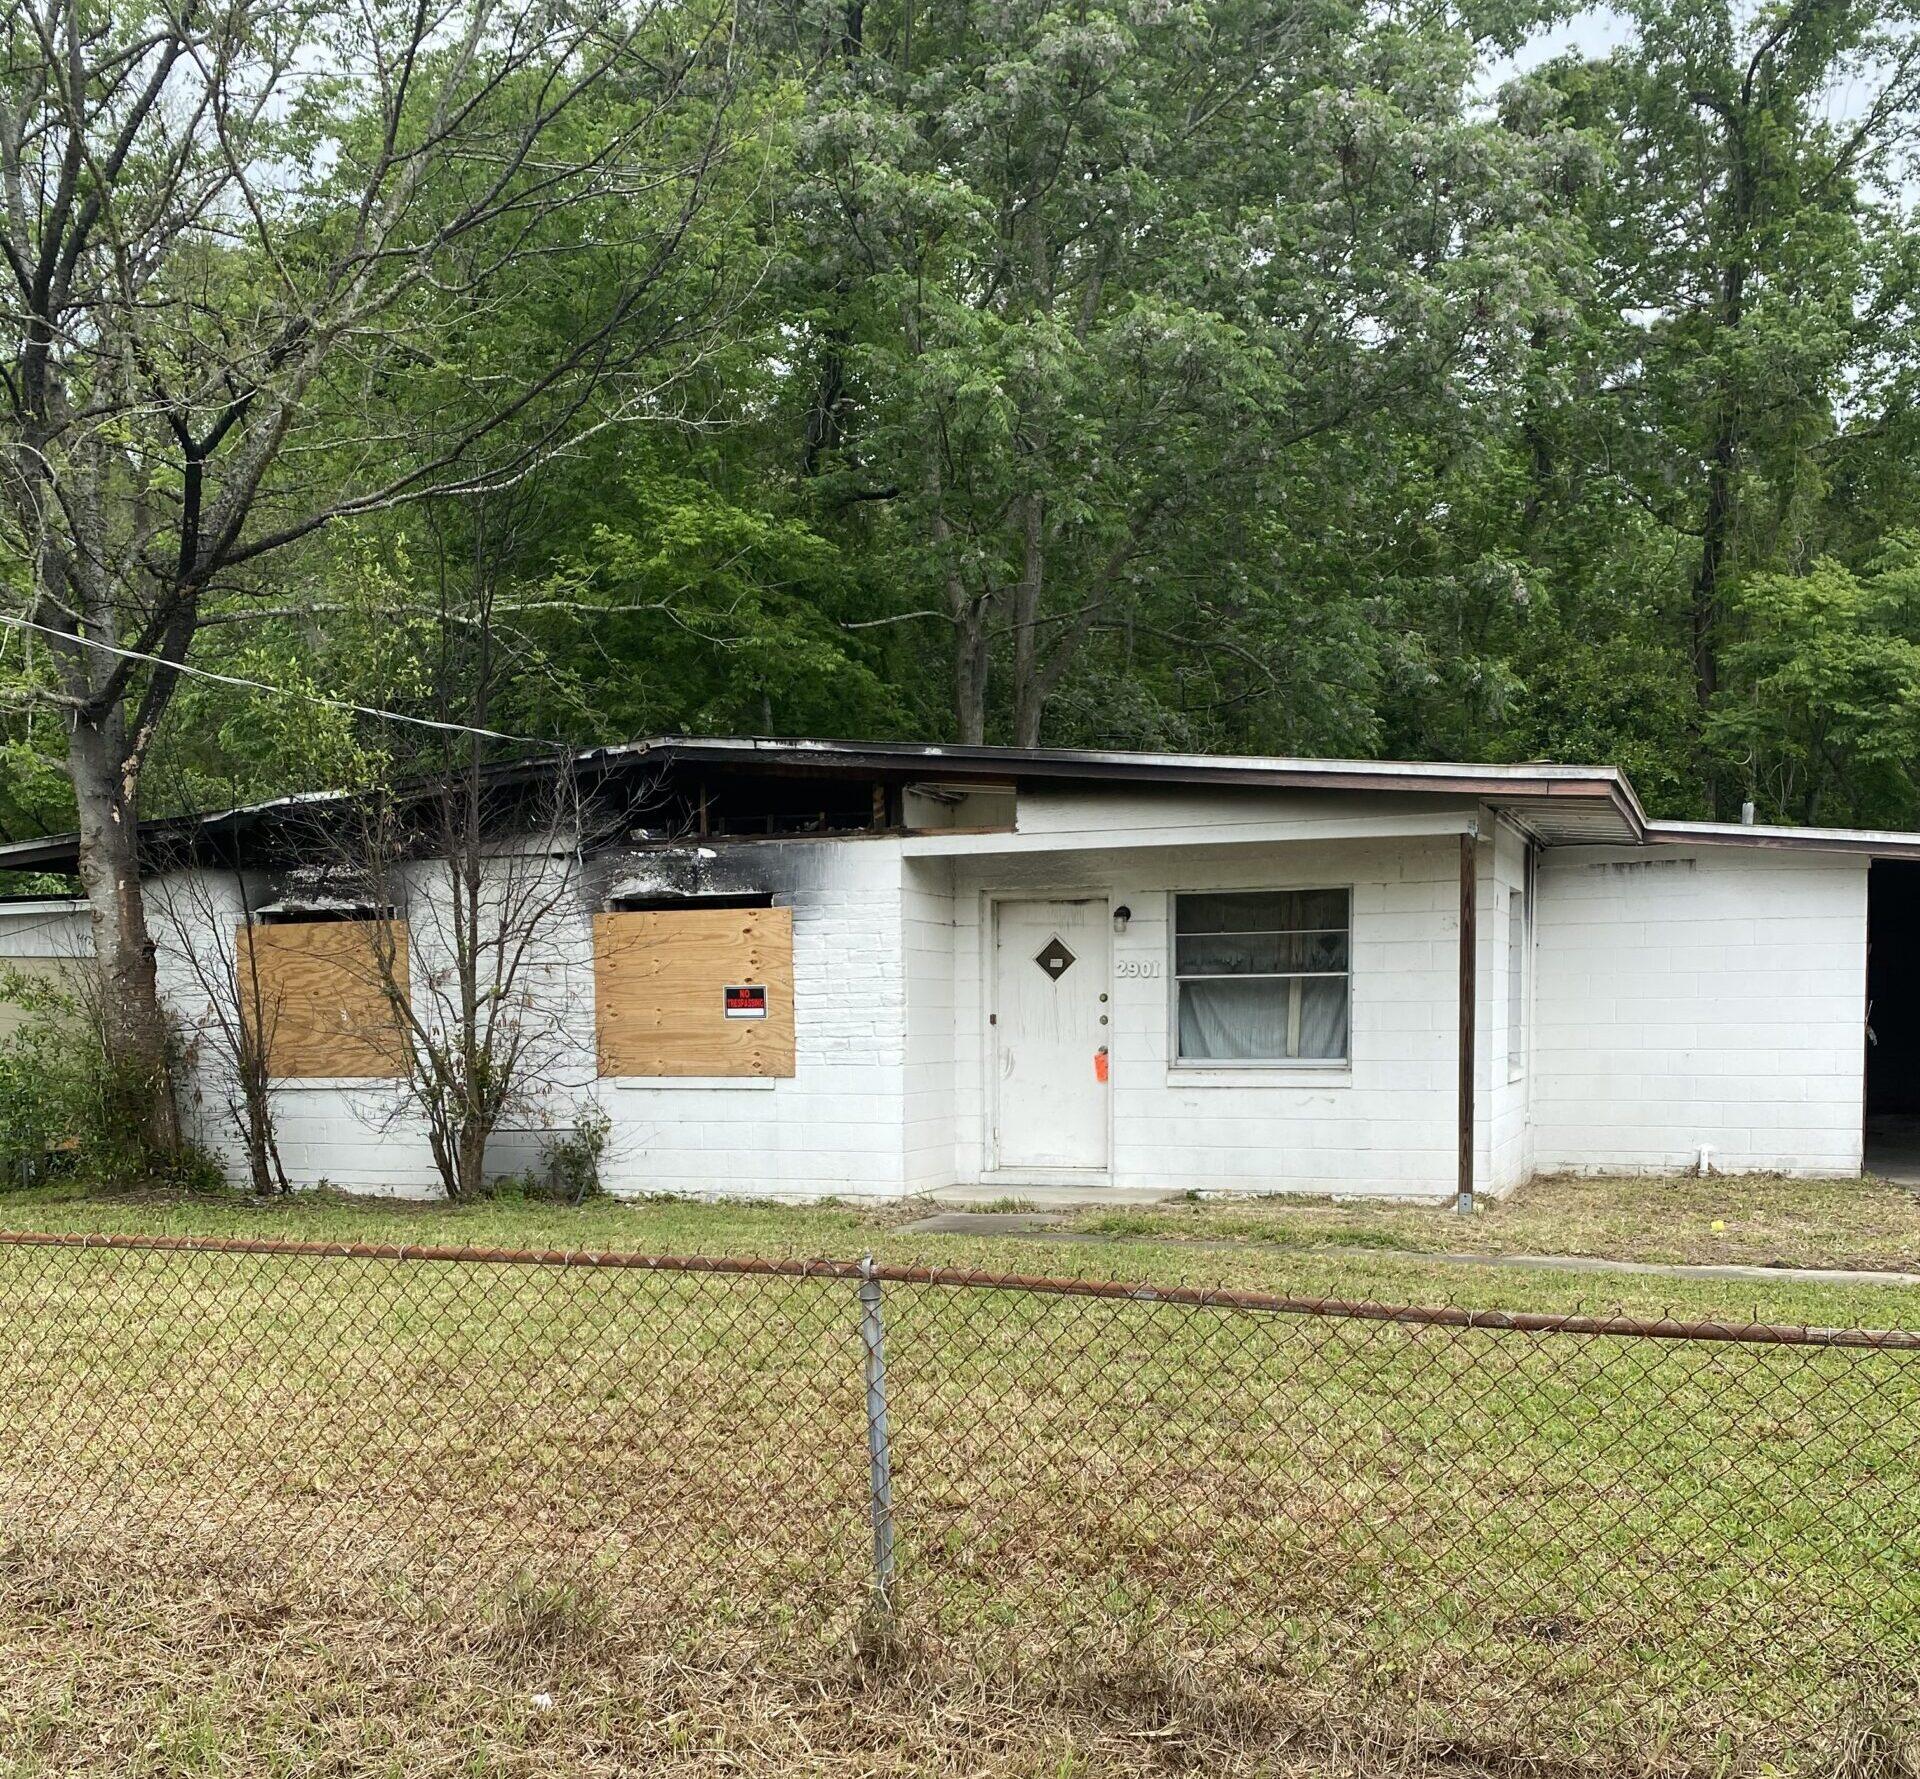 2901 Brackridge Blvd, E Jacksonville, FL 32216